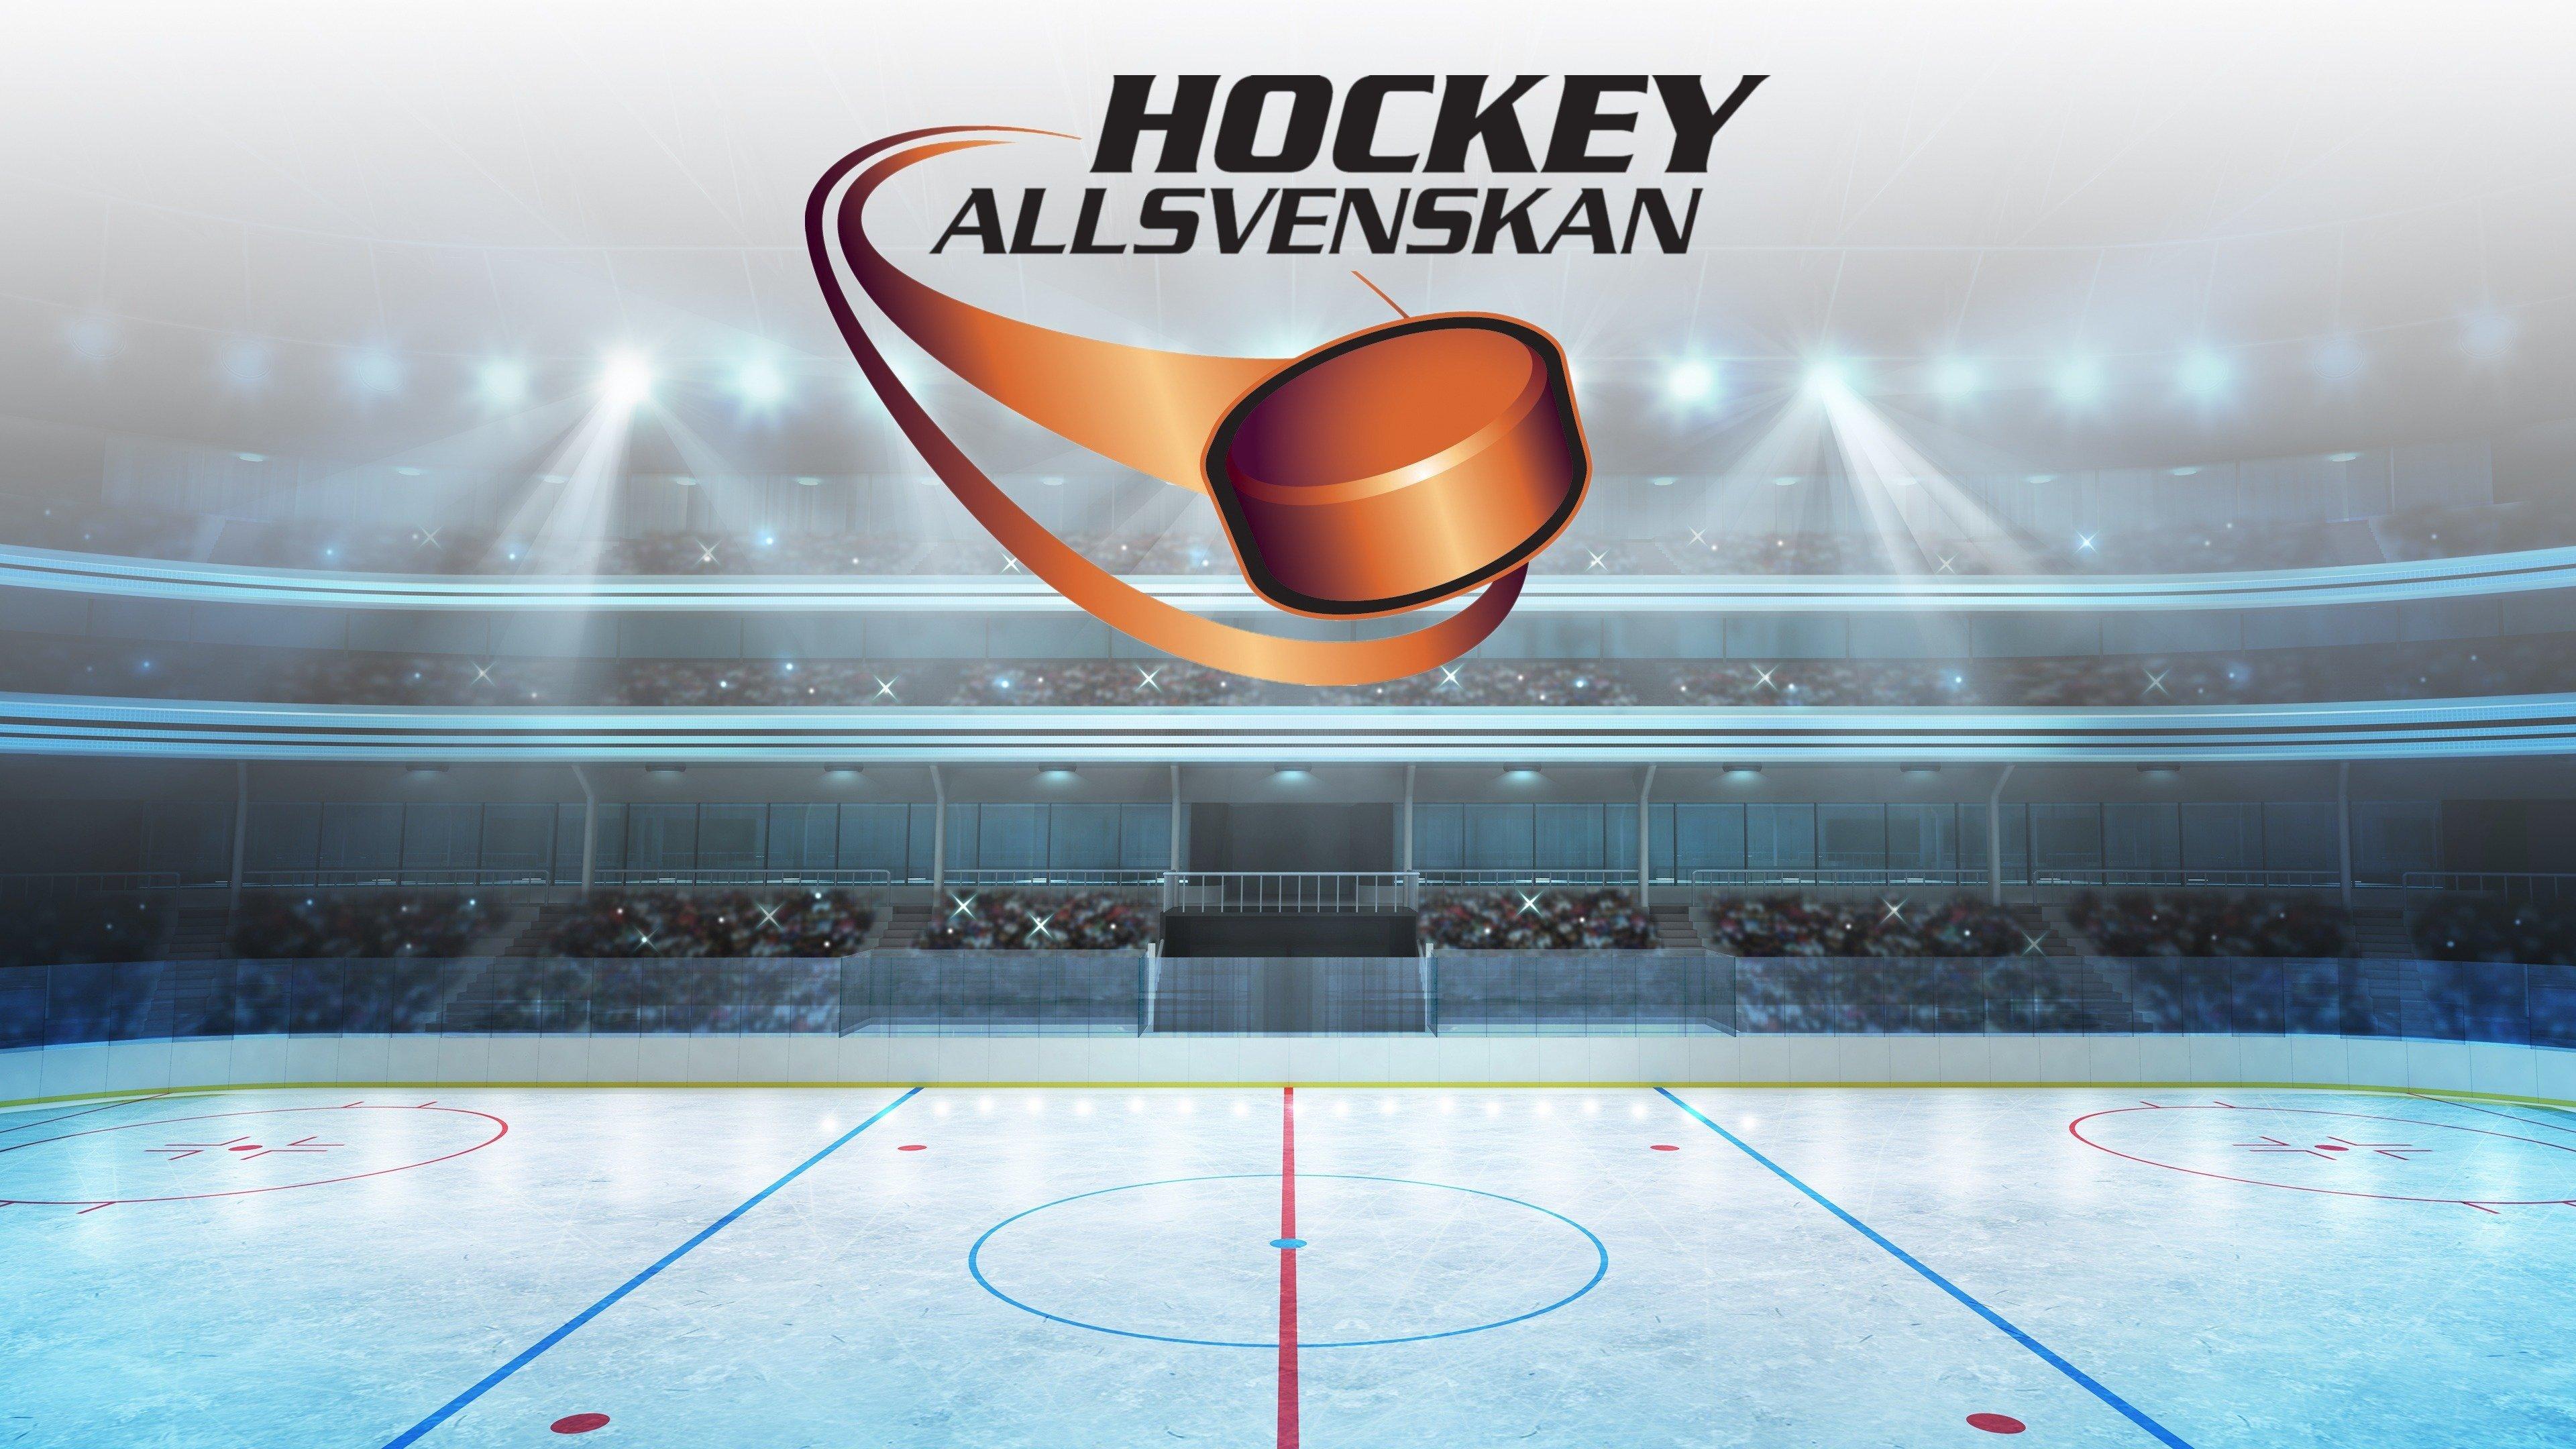 Studio Hockeyallsvenskan